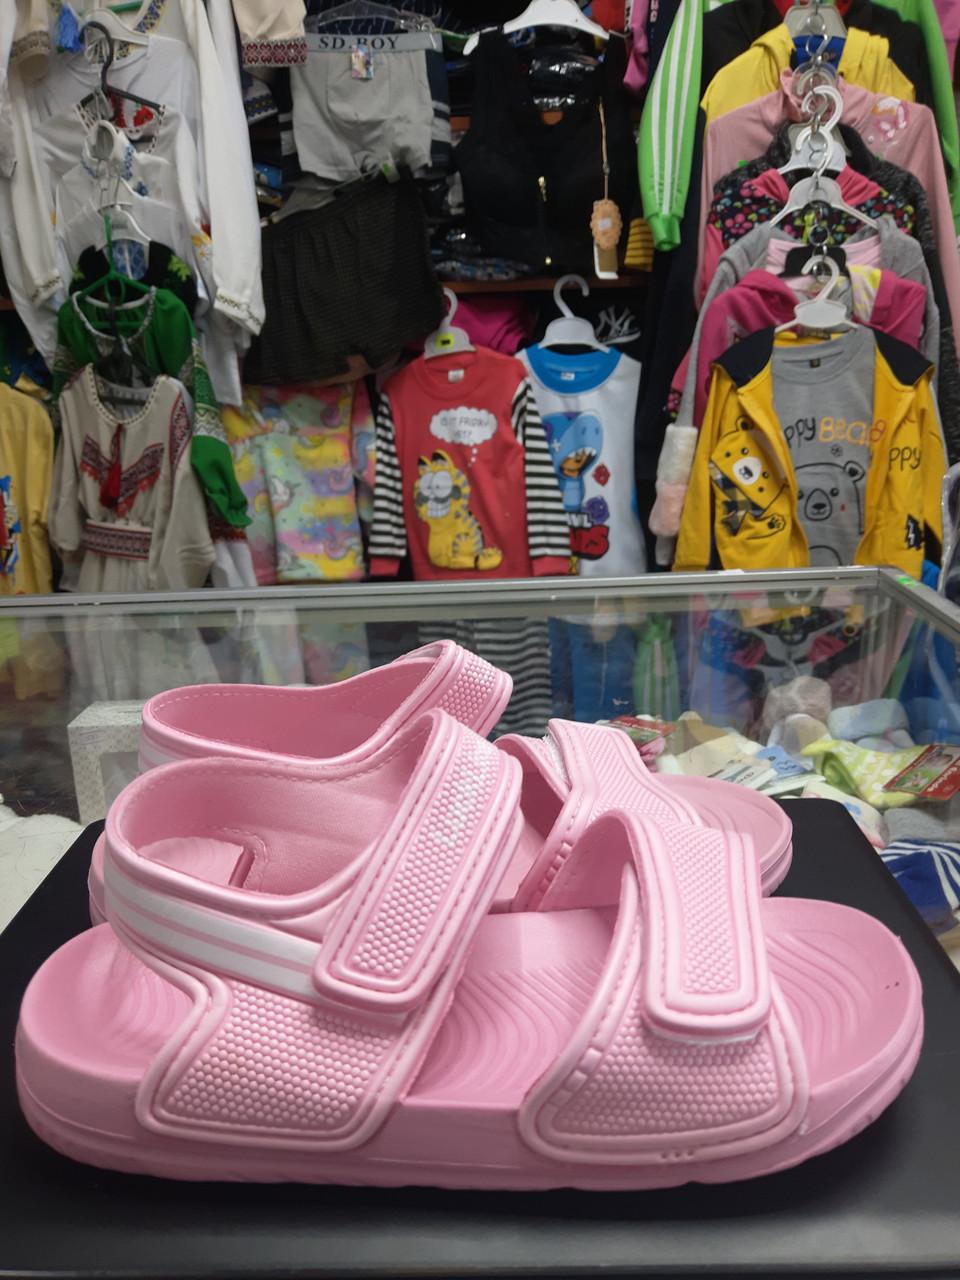 Літні легкі сандалі дитячі босоніжки для дівчинки розмір 18 19 20 21 22 23